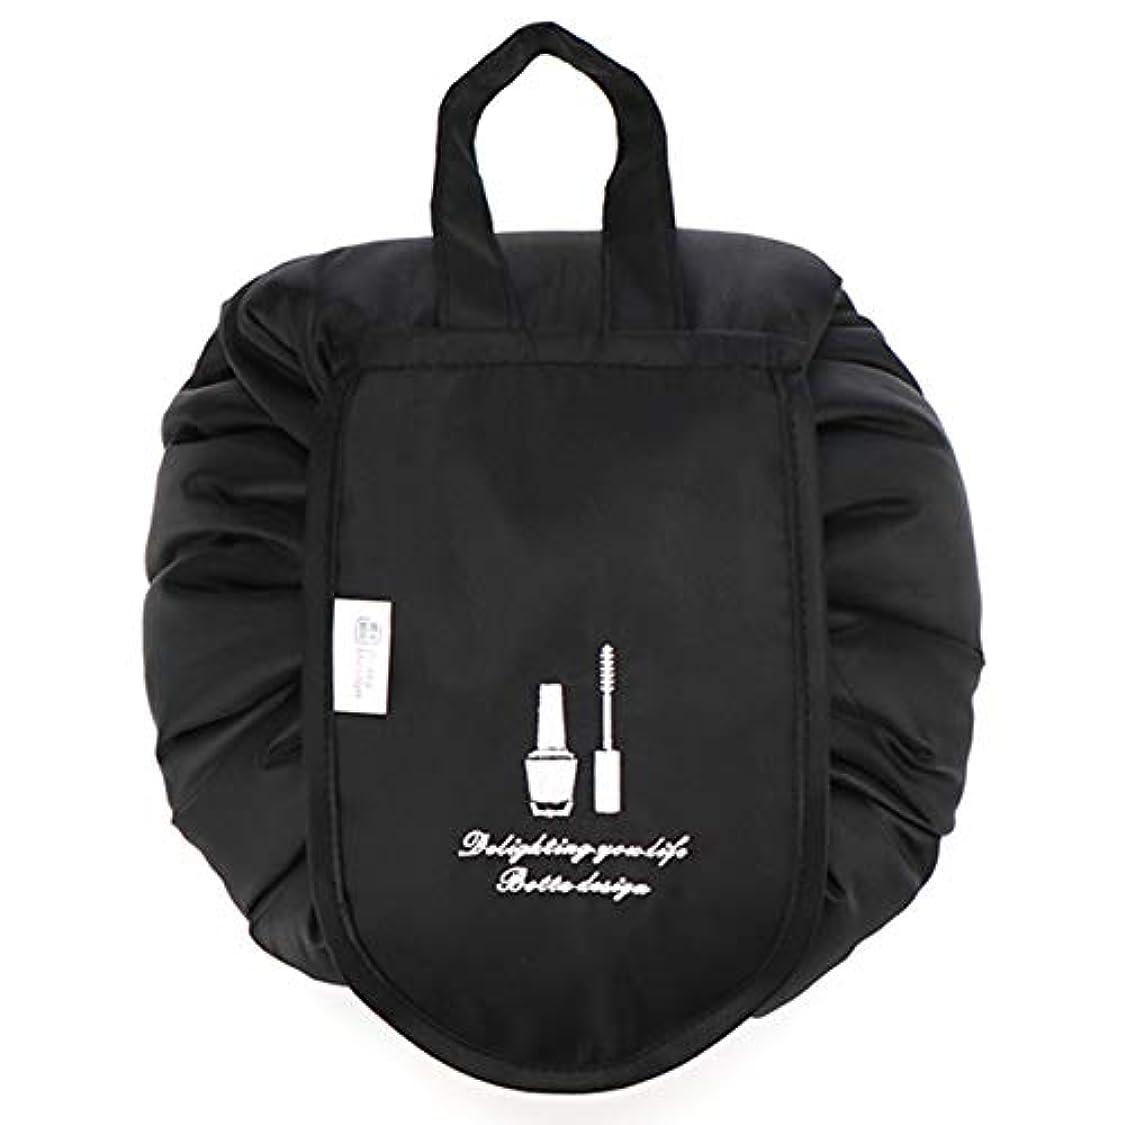 古代不機嫌そうな勇者化粧ポーチ トイレタリーバッグ トラベルポーチ メイクポーチ ミニ 財布 機能的 大容量 化粧品収納 小物入れ 普段使い 出張 旅行 メイク ブラシ バッグ 化粧バッグ